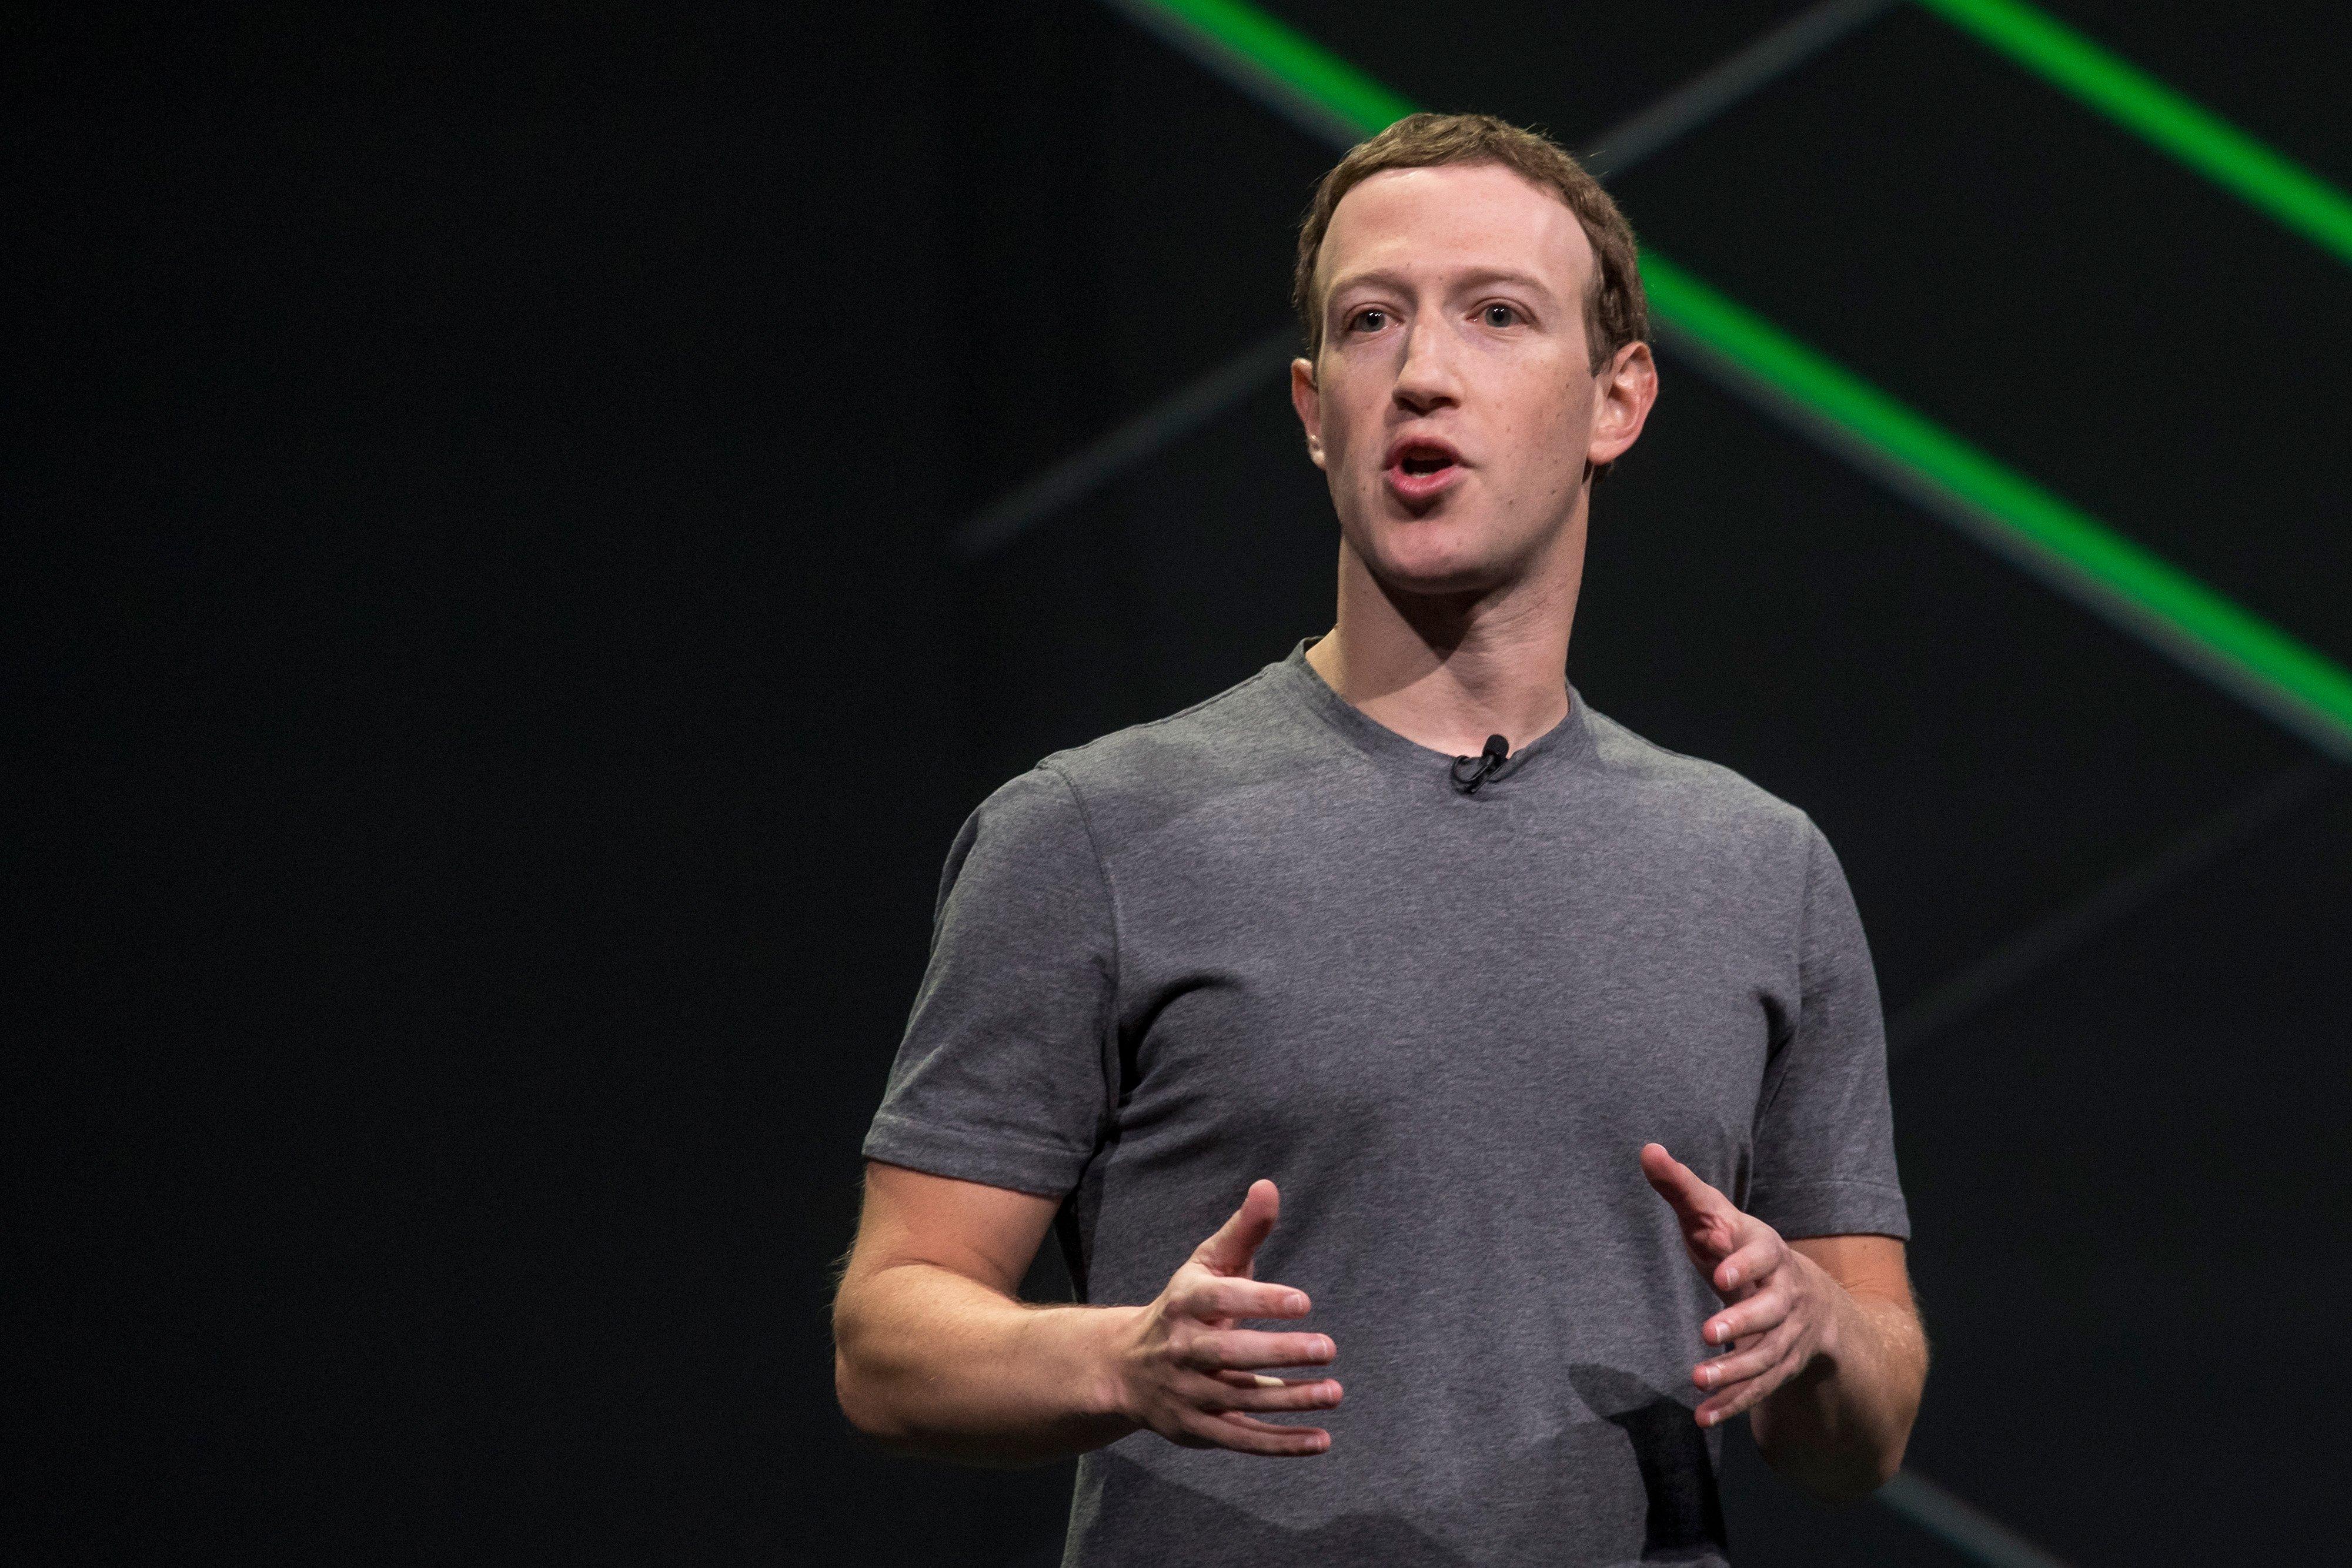 markzuckerberg5billion-em-860273932.jpg